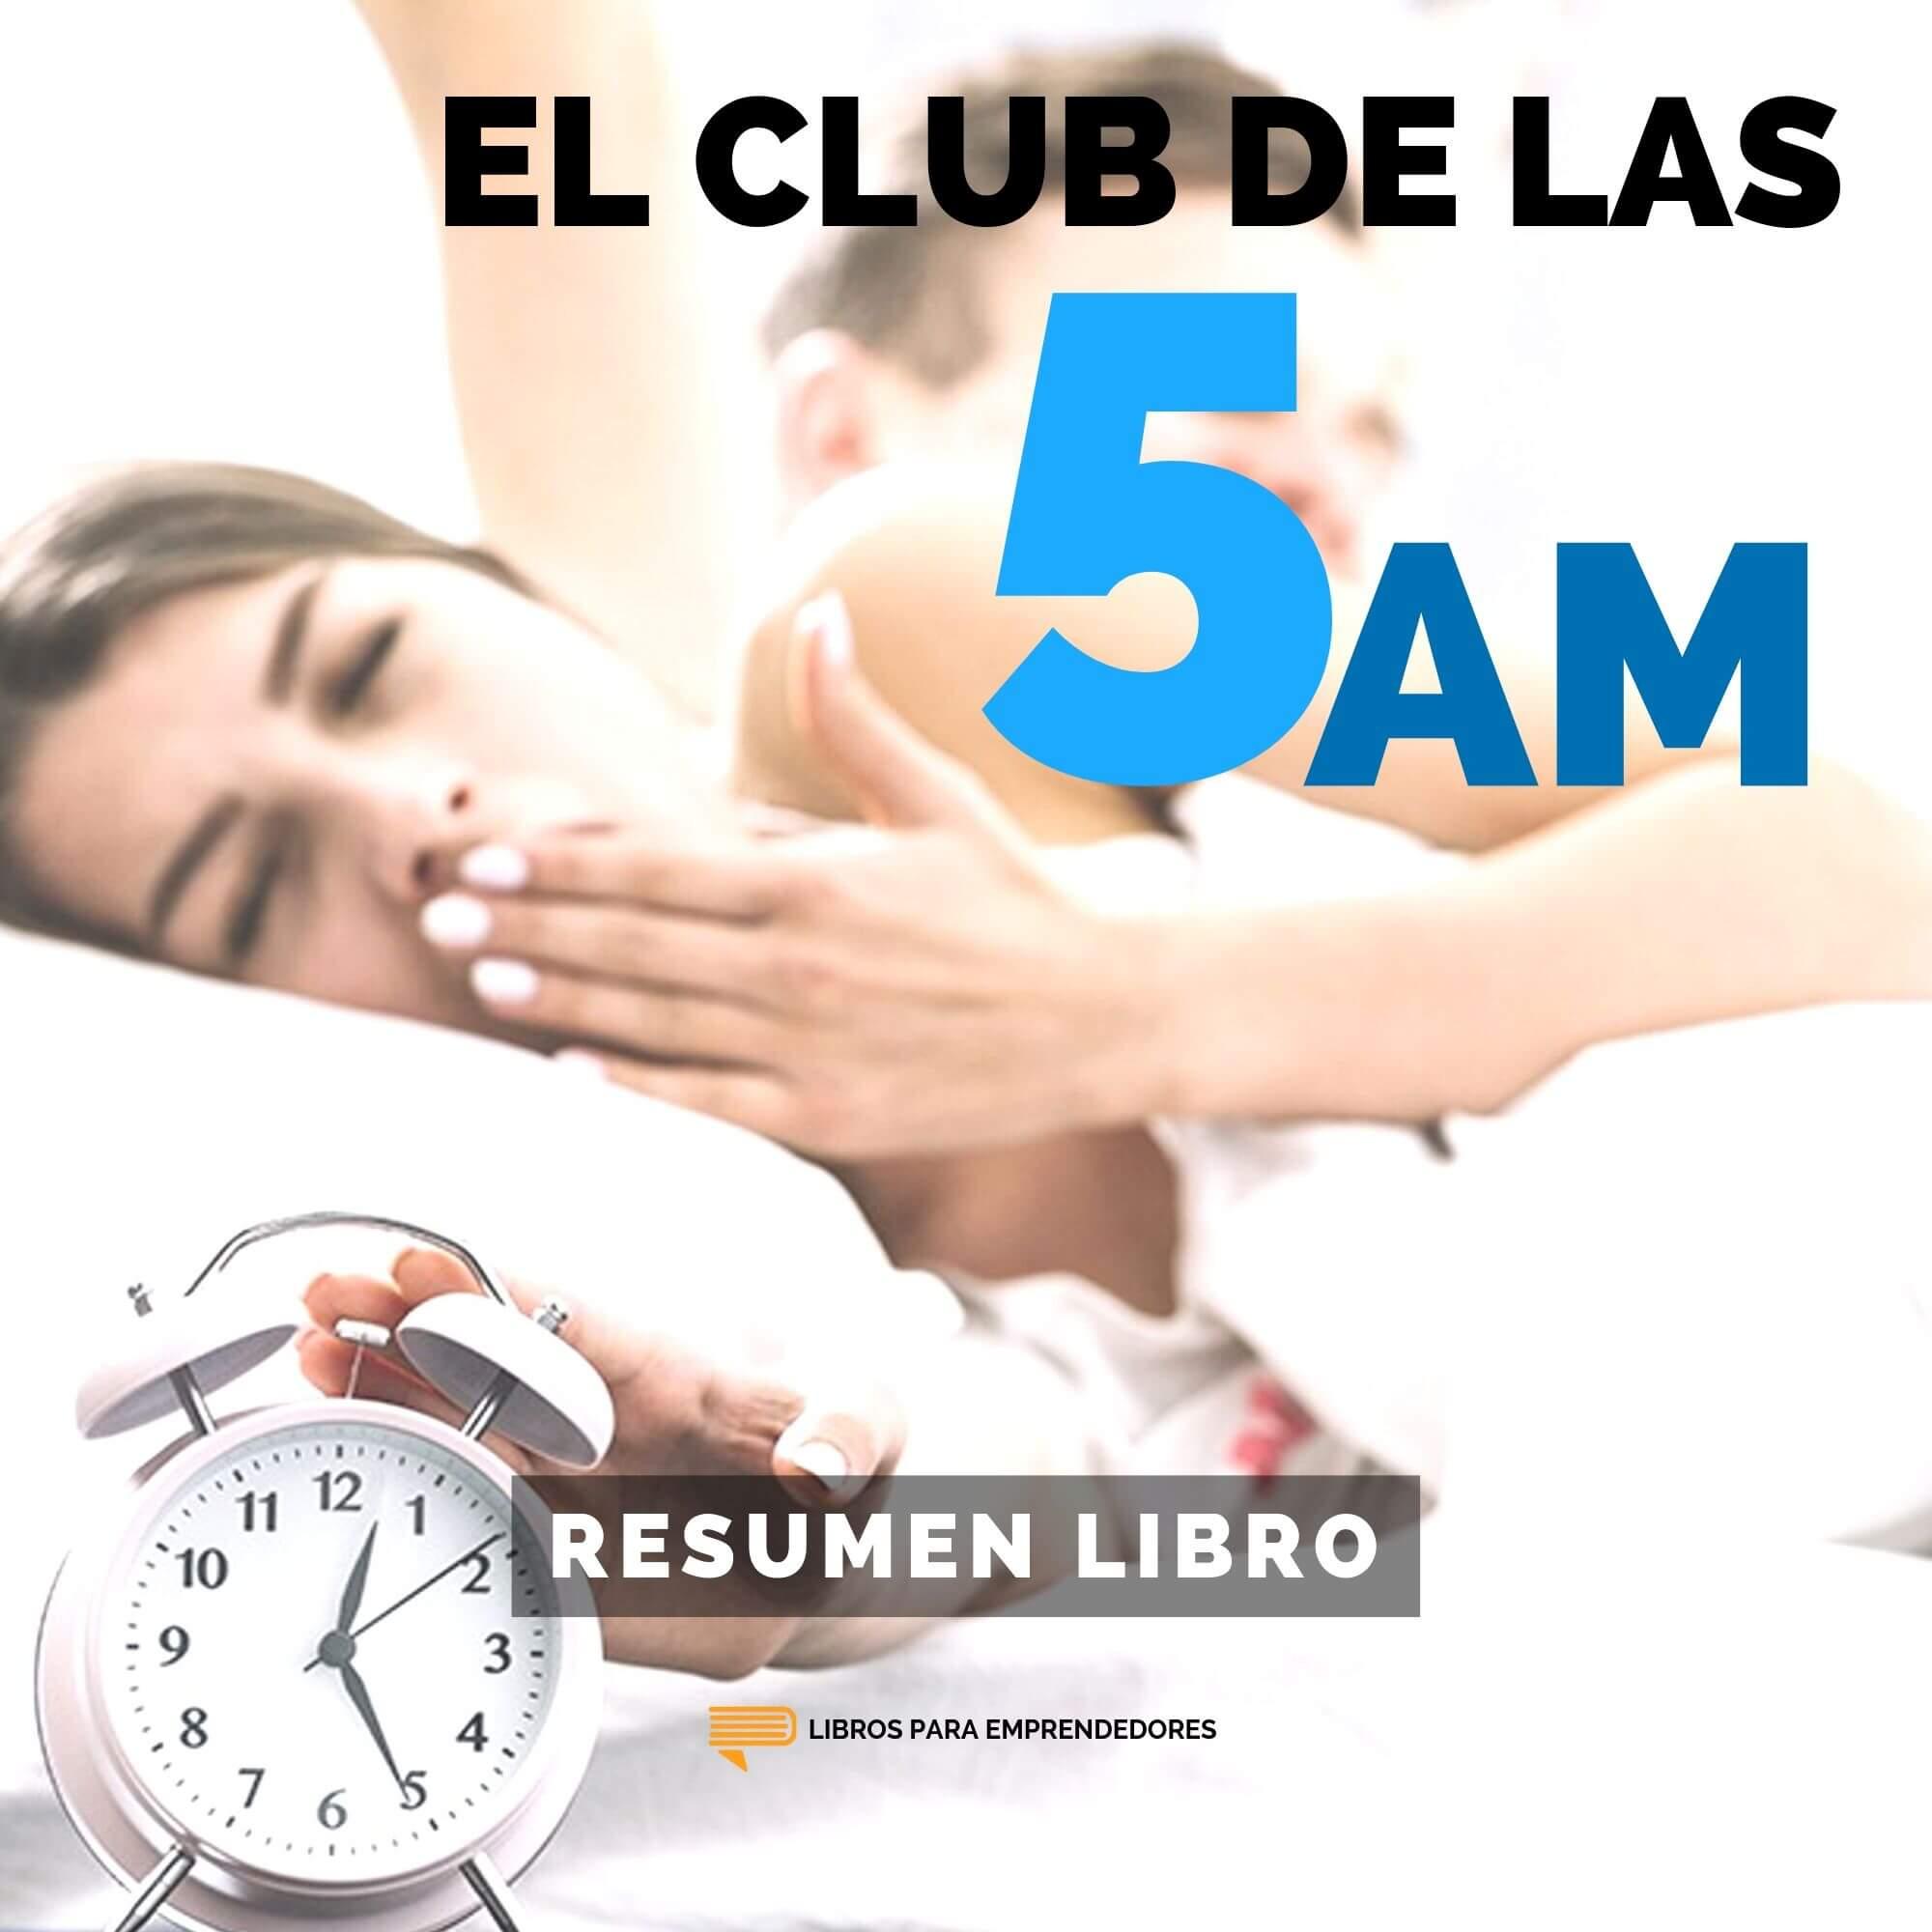 El Club de las 5 am